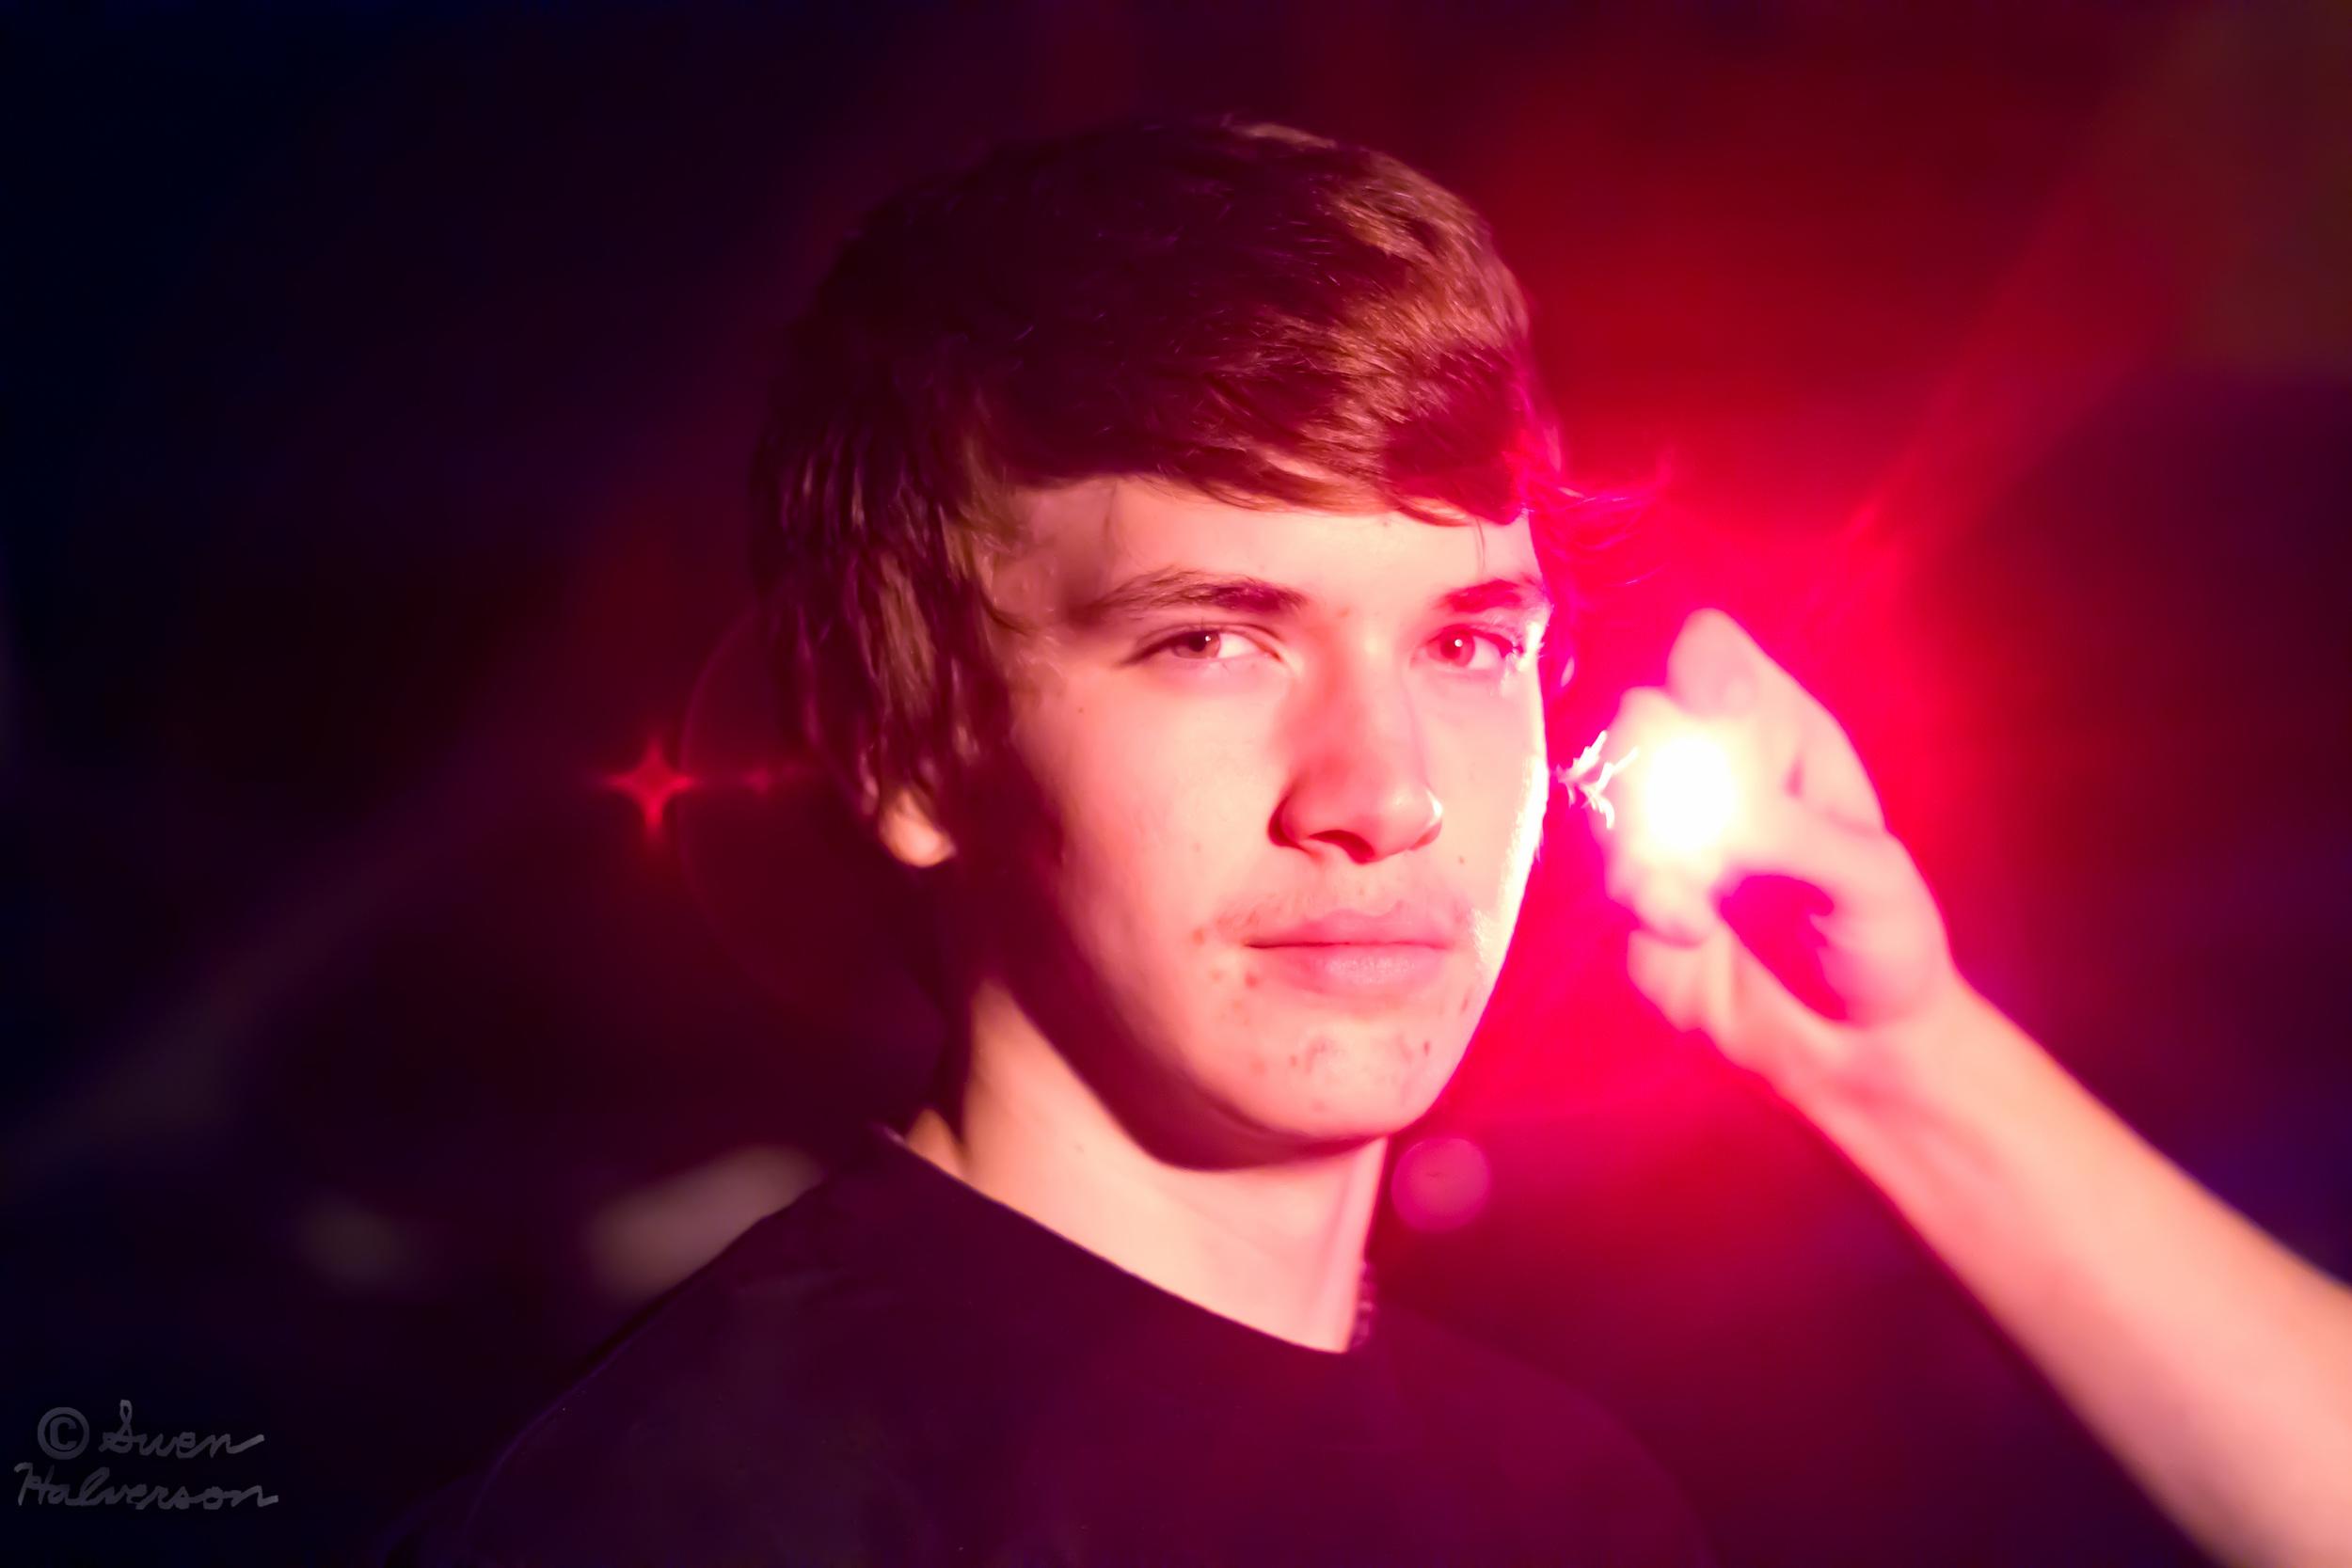 Theme: LED